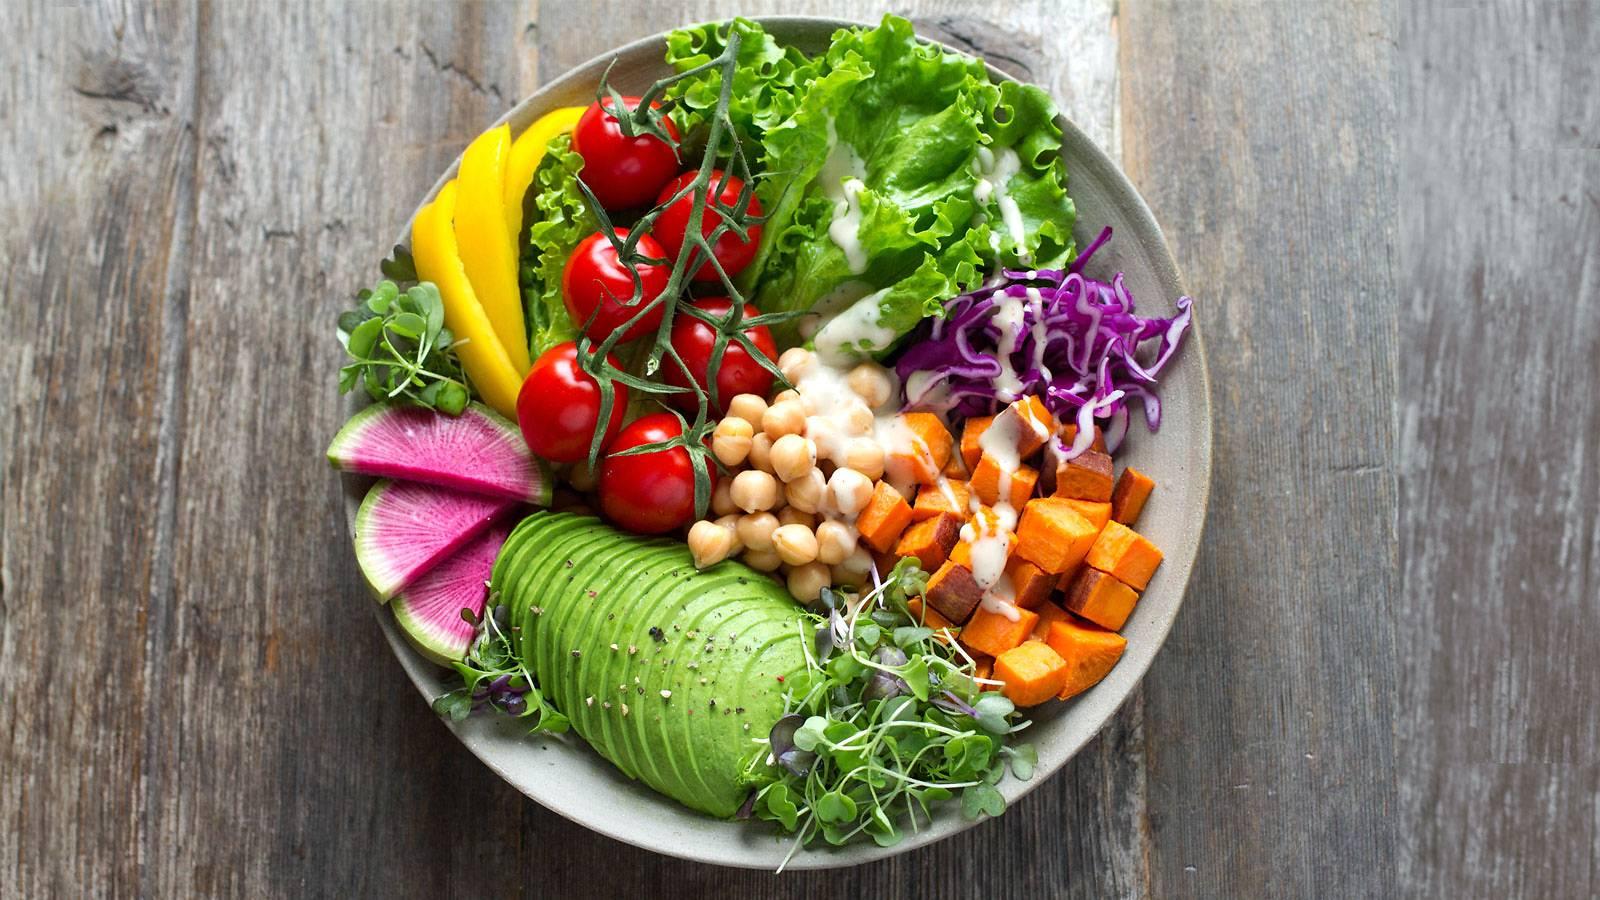 Hình ảnh món ăn từ rau củ quả